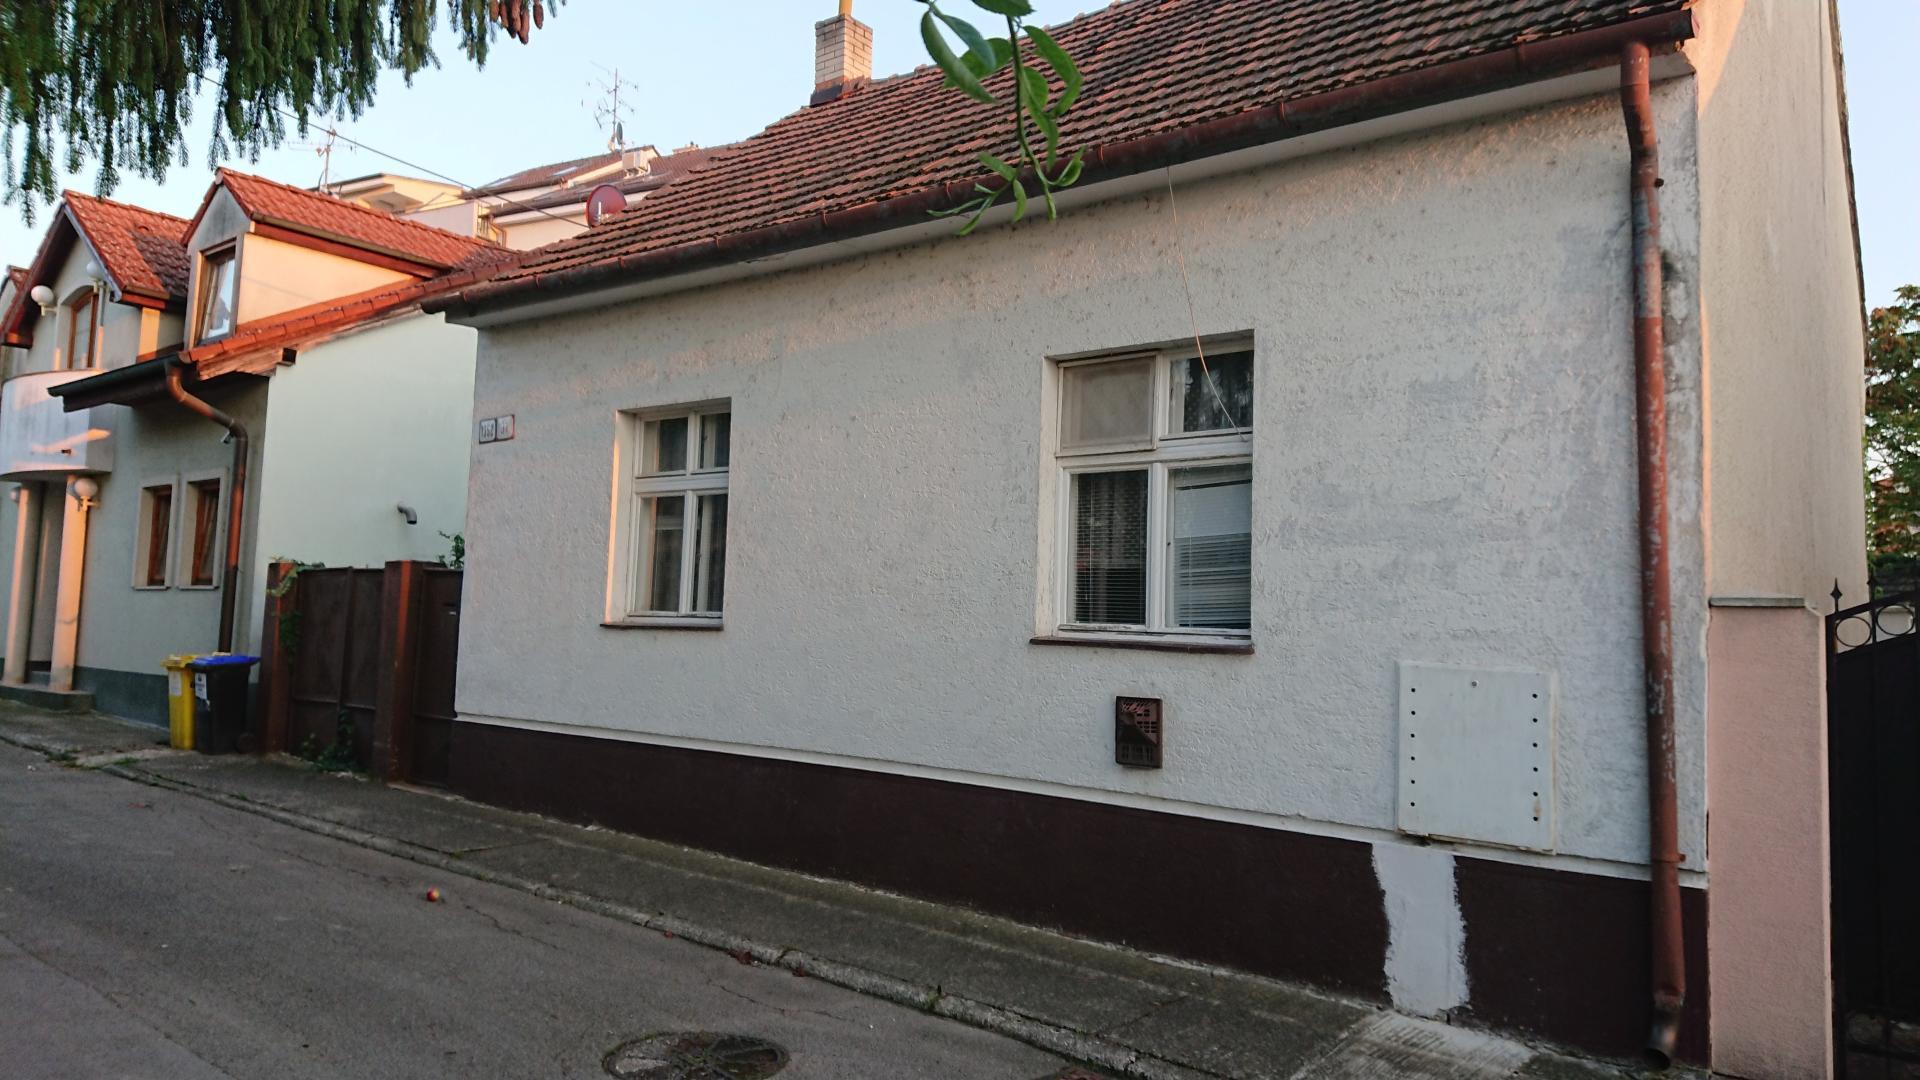 Domček v centre Piešťan odhalil rozdielne zmýšľanie maklérov a kupujúcich